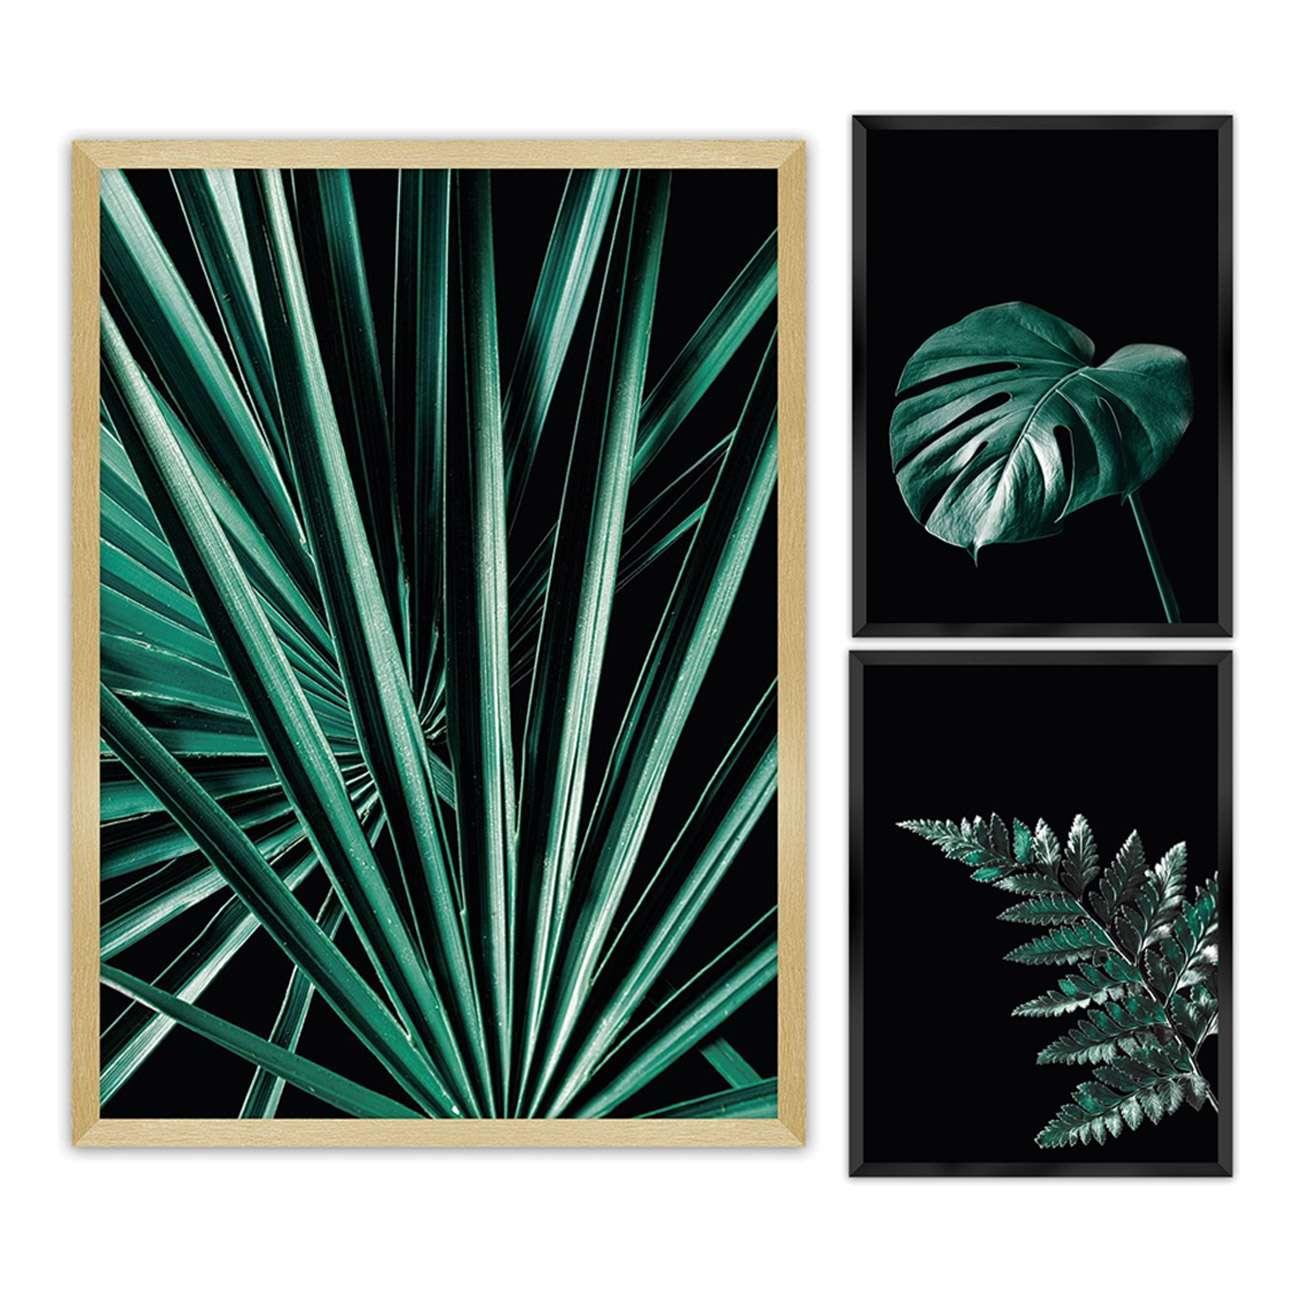 Zestaw obrazów Botanica 3szt.